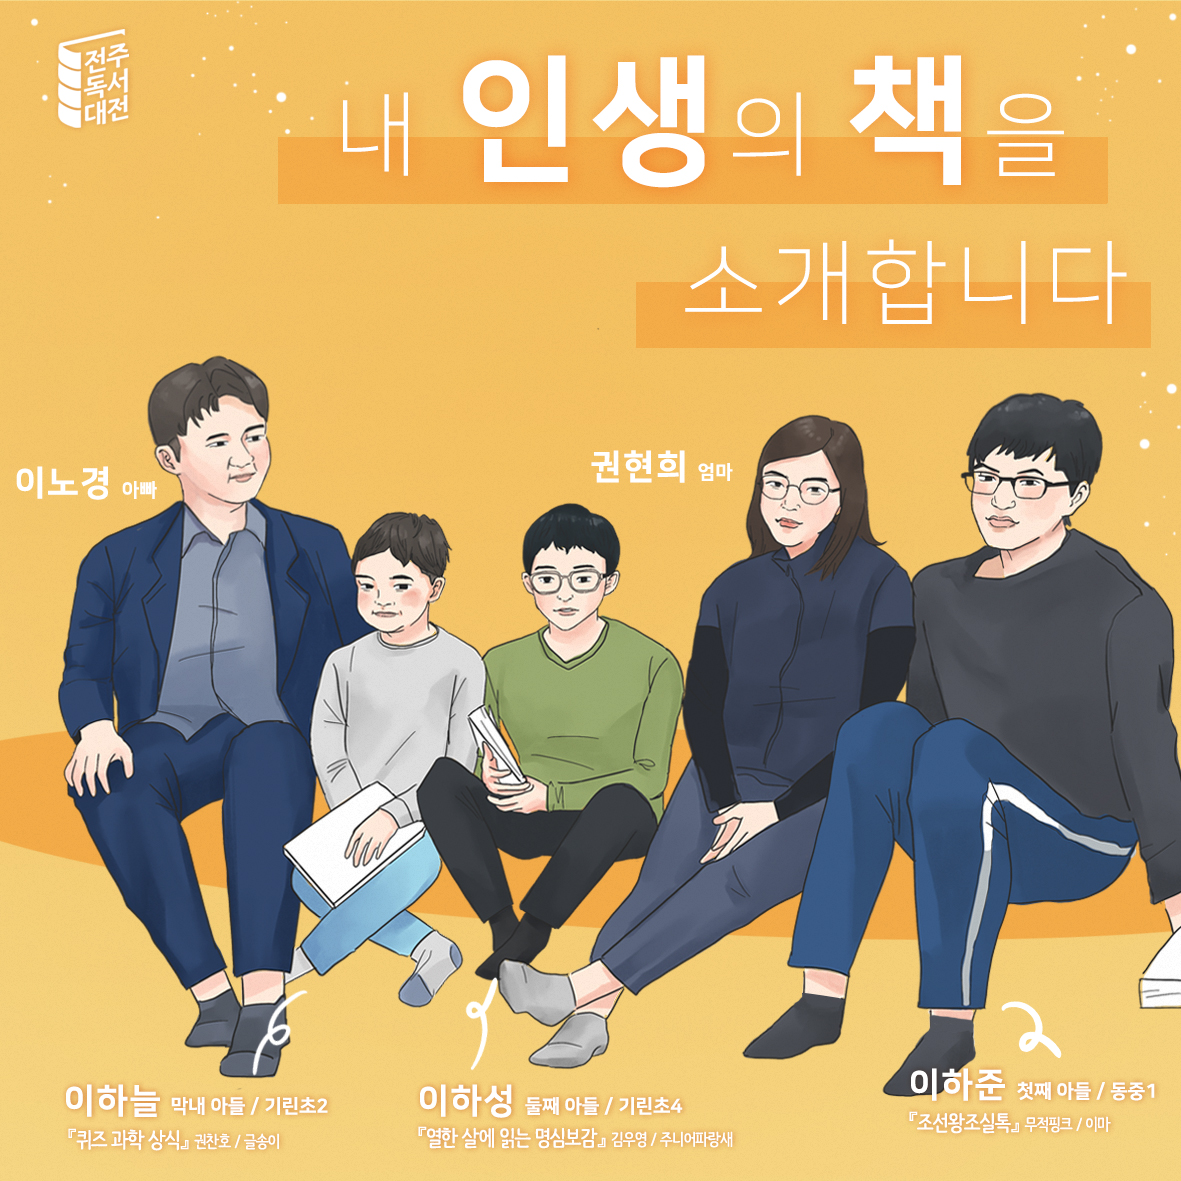 3편. 책 읽는 가족